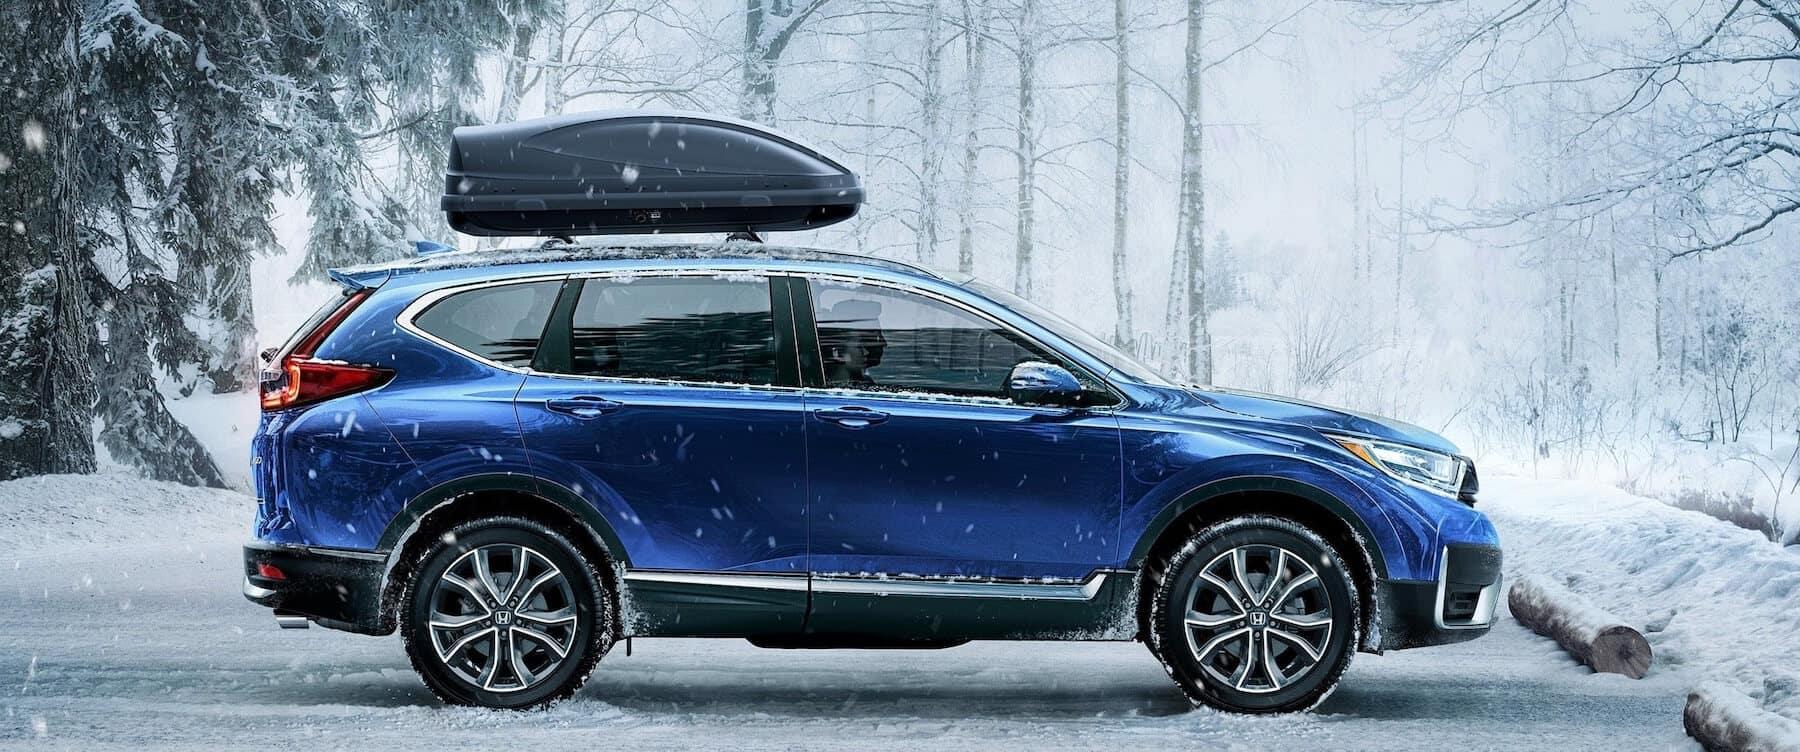 Honda SUV Lineup: 2021 CR-V Slider